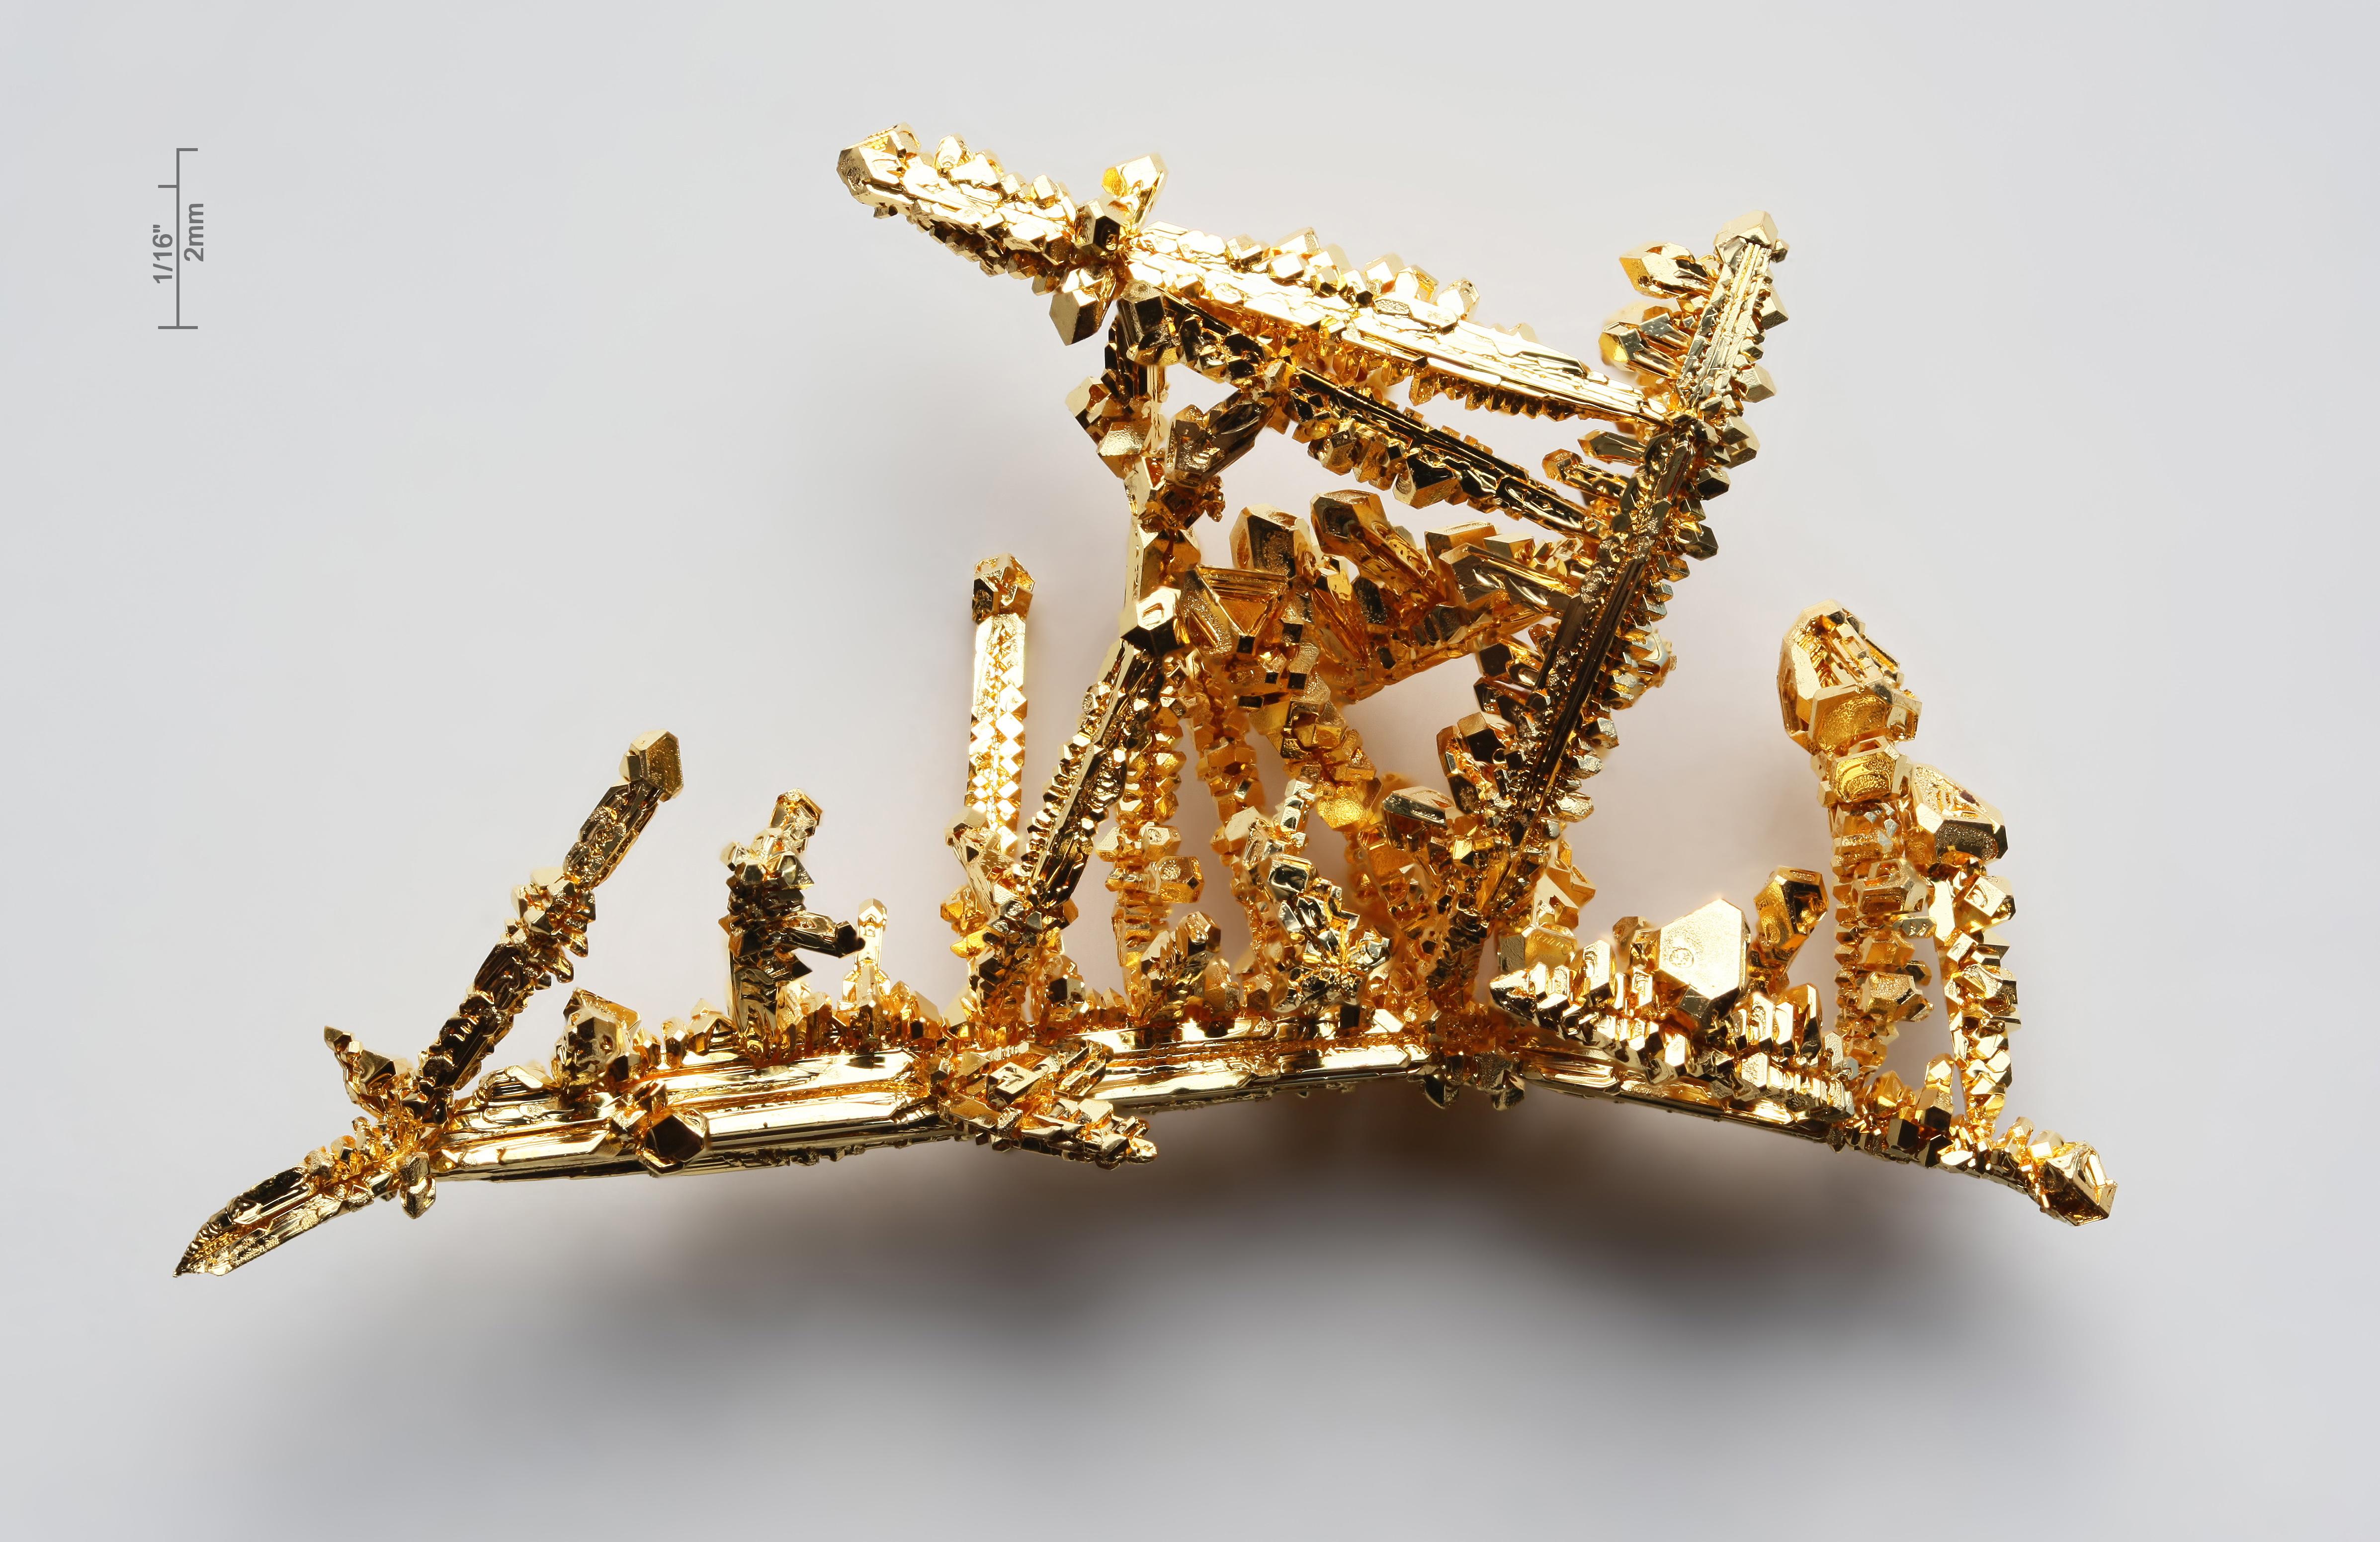 Oro dendritico